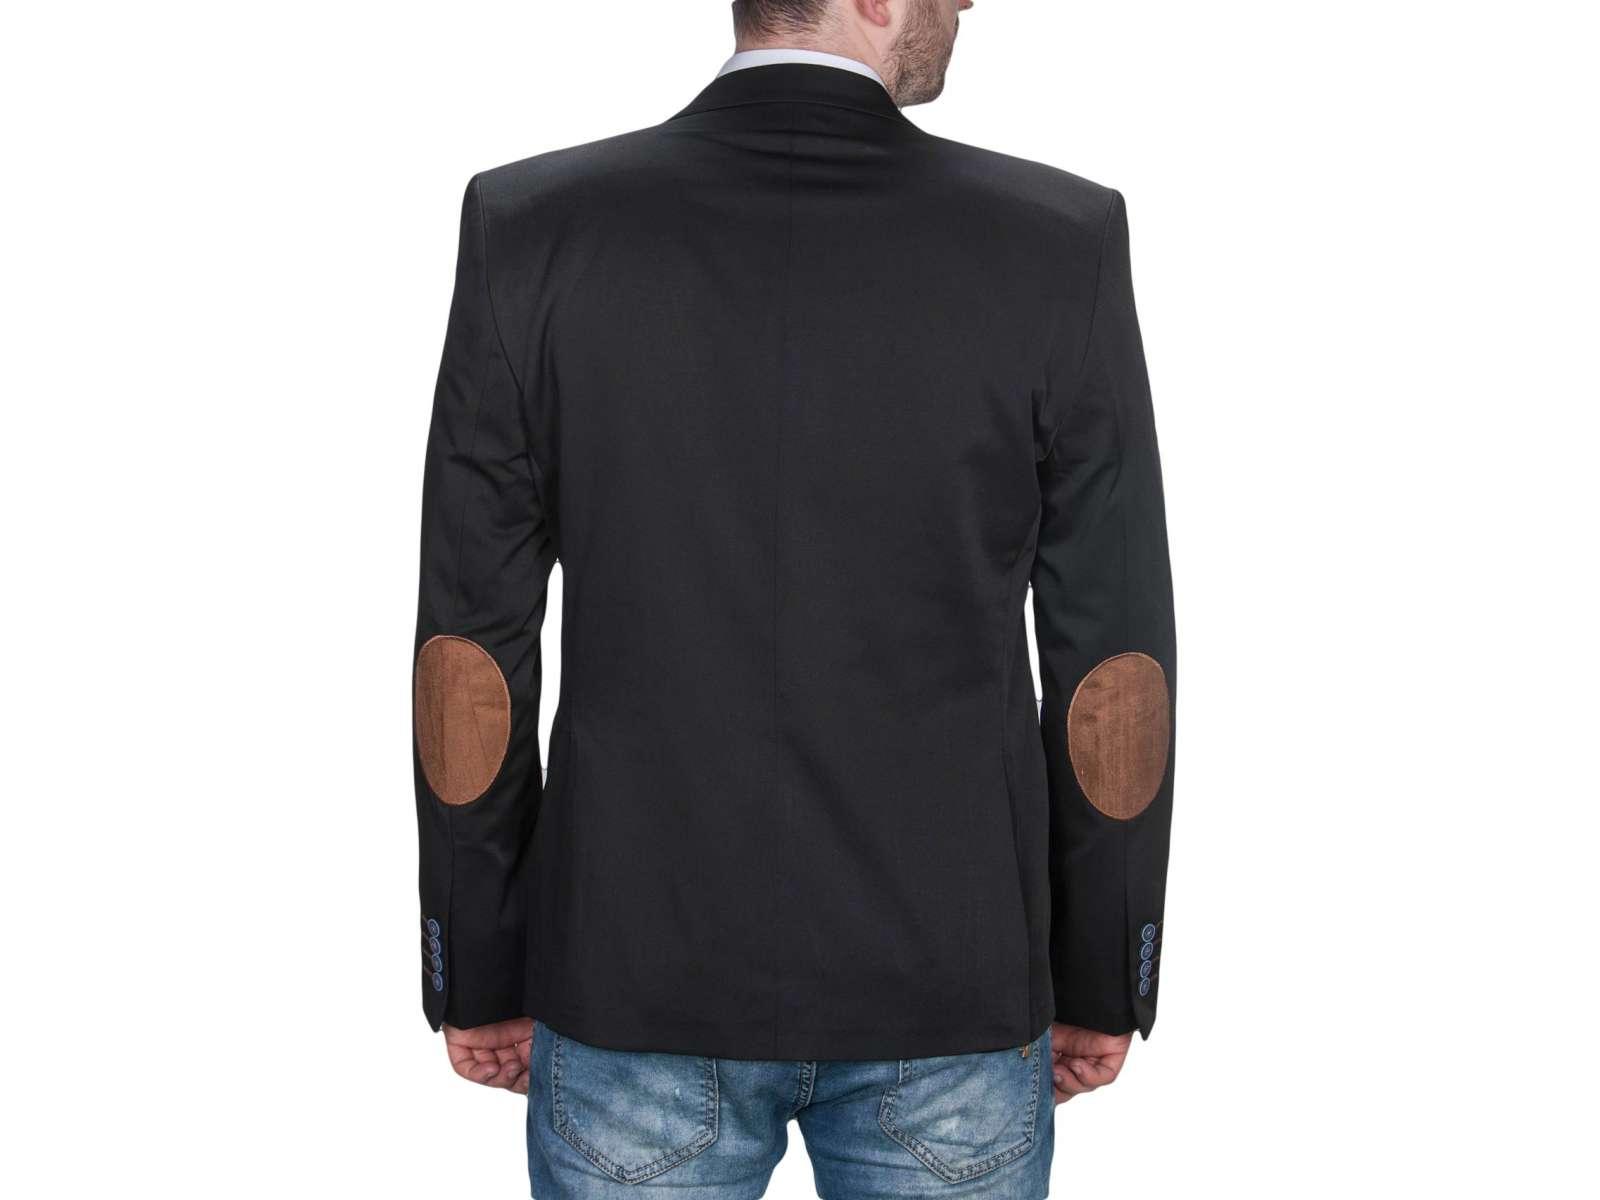 37cd93980e767 Marynarka czarna bb 16 fashionmen2 rozm. 52 - 7186707800 - oficjalne ...